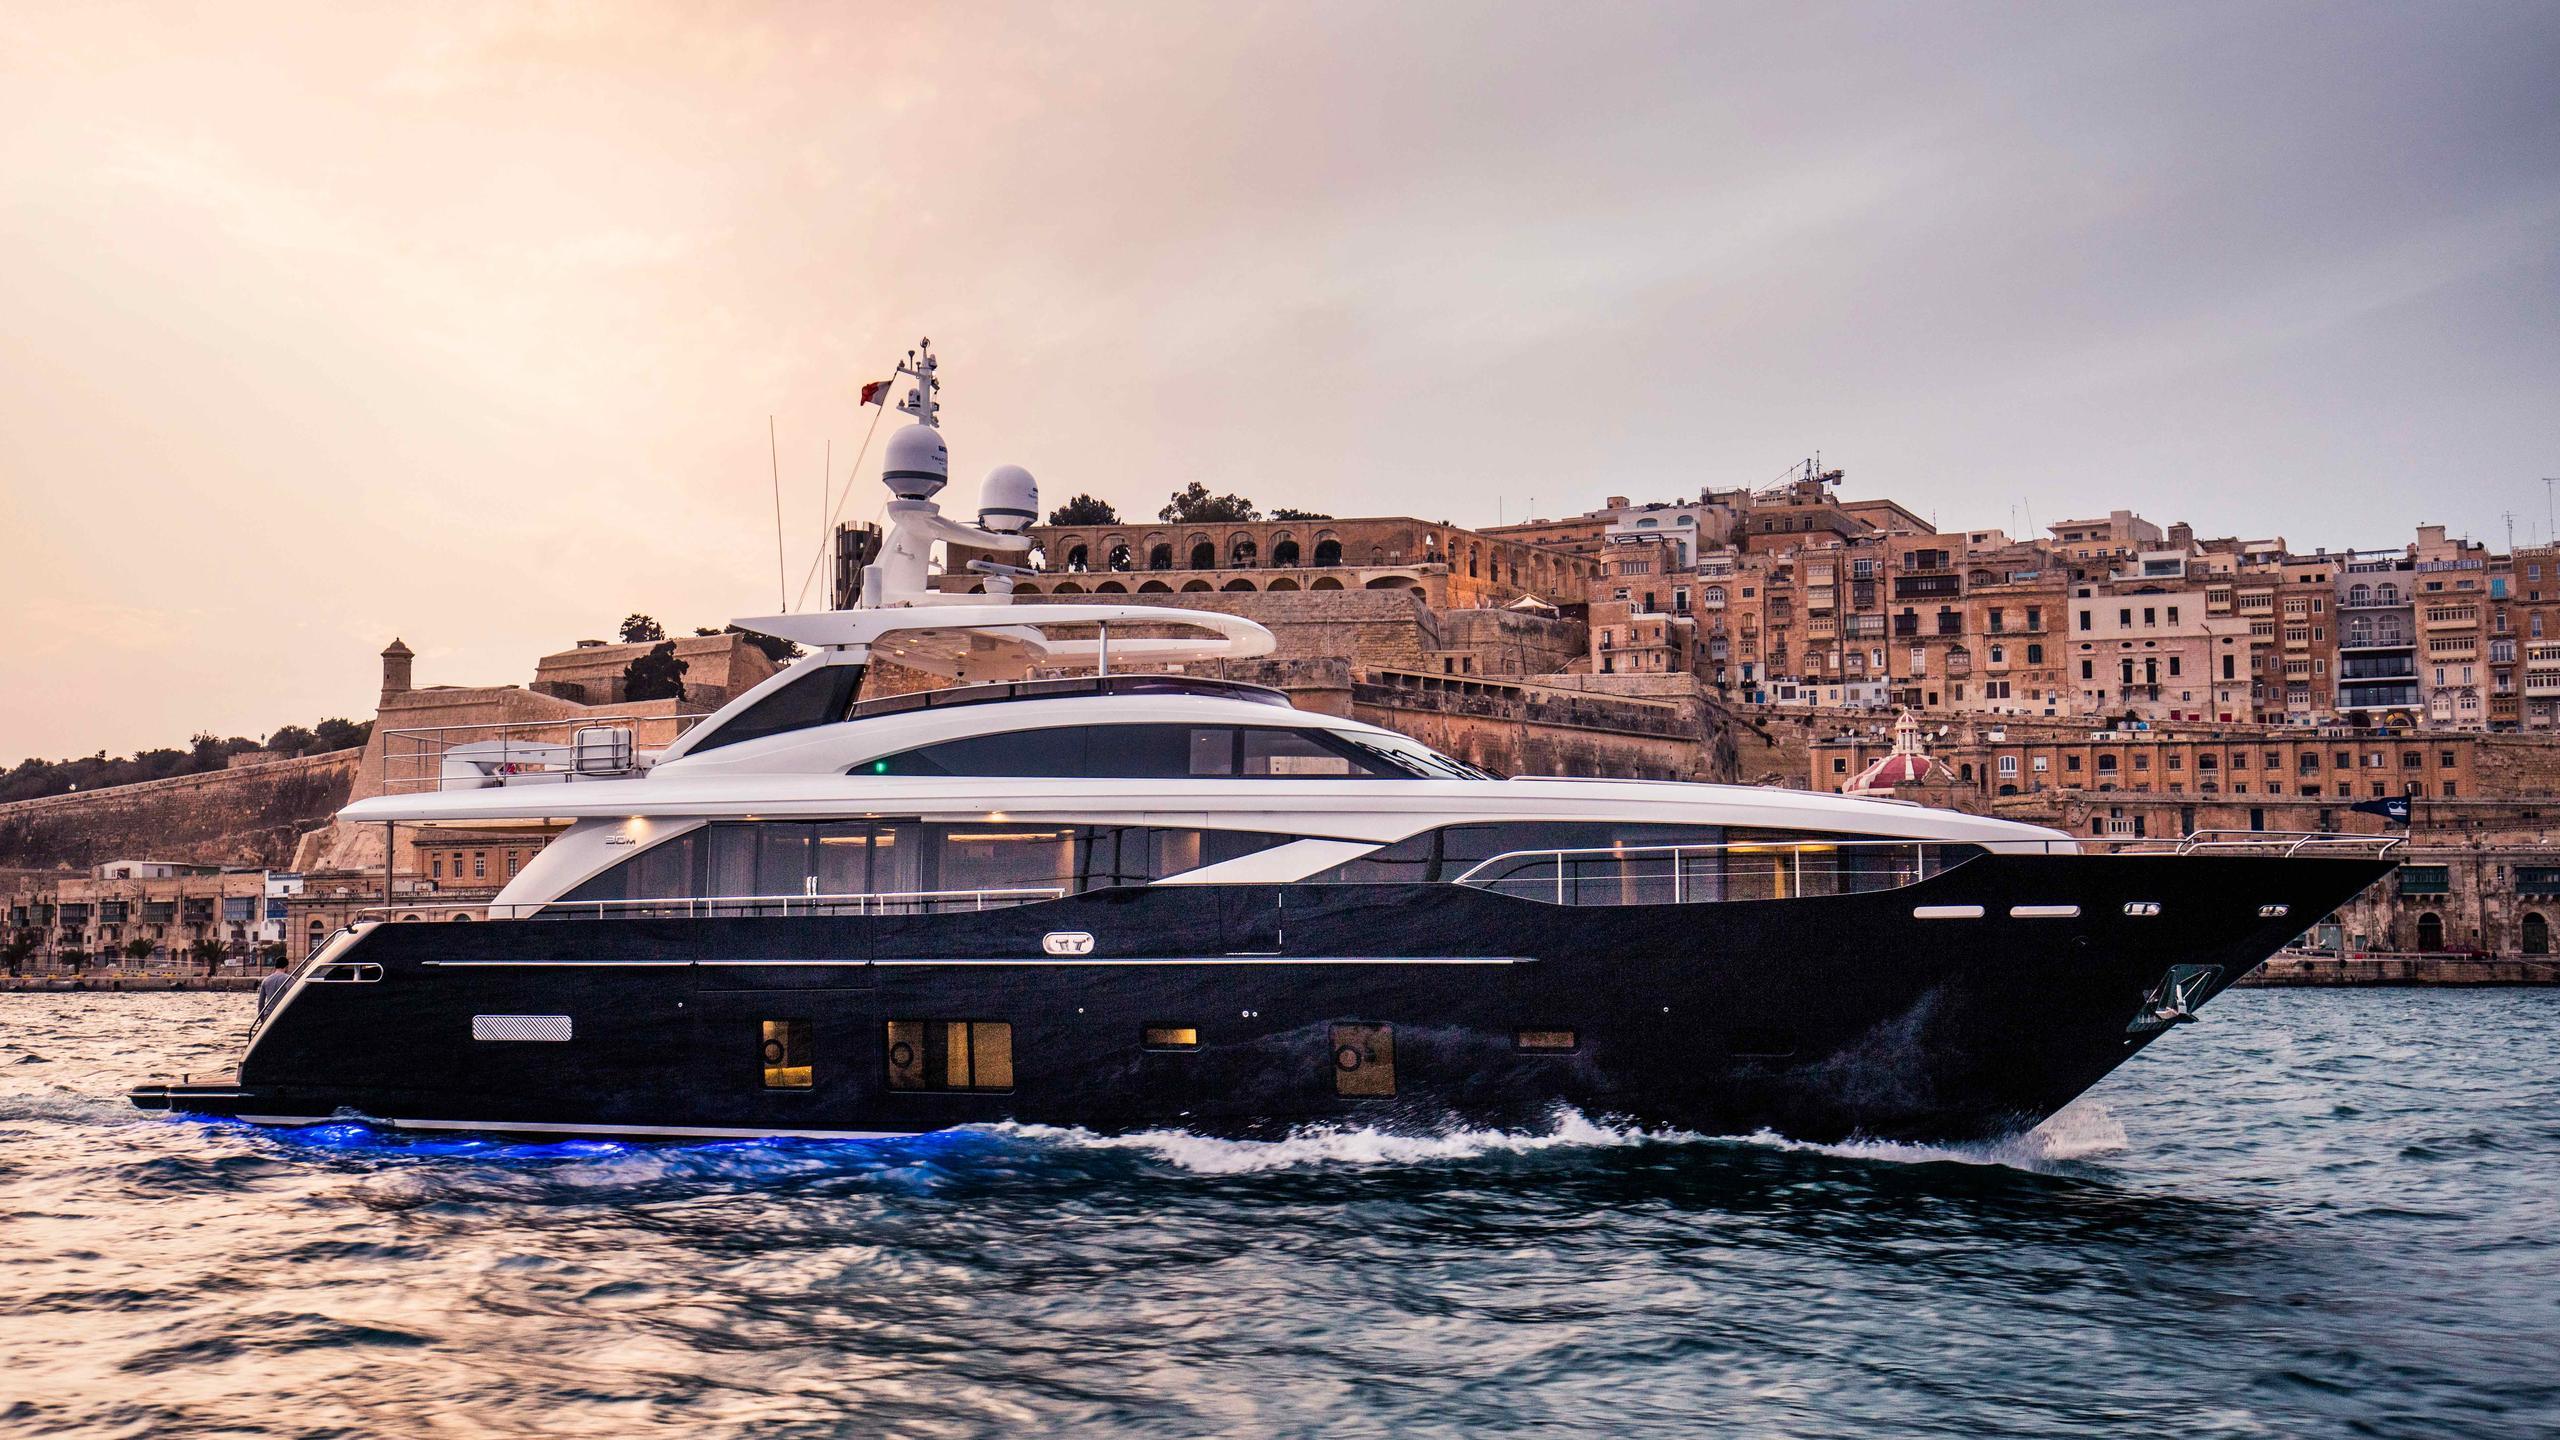 kohuba-motor-yacht-princess-2016-30m-profile-cruising-by-night